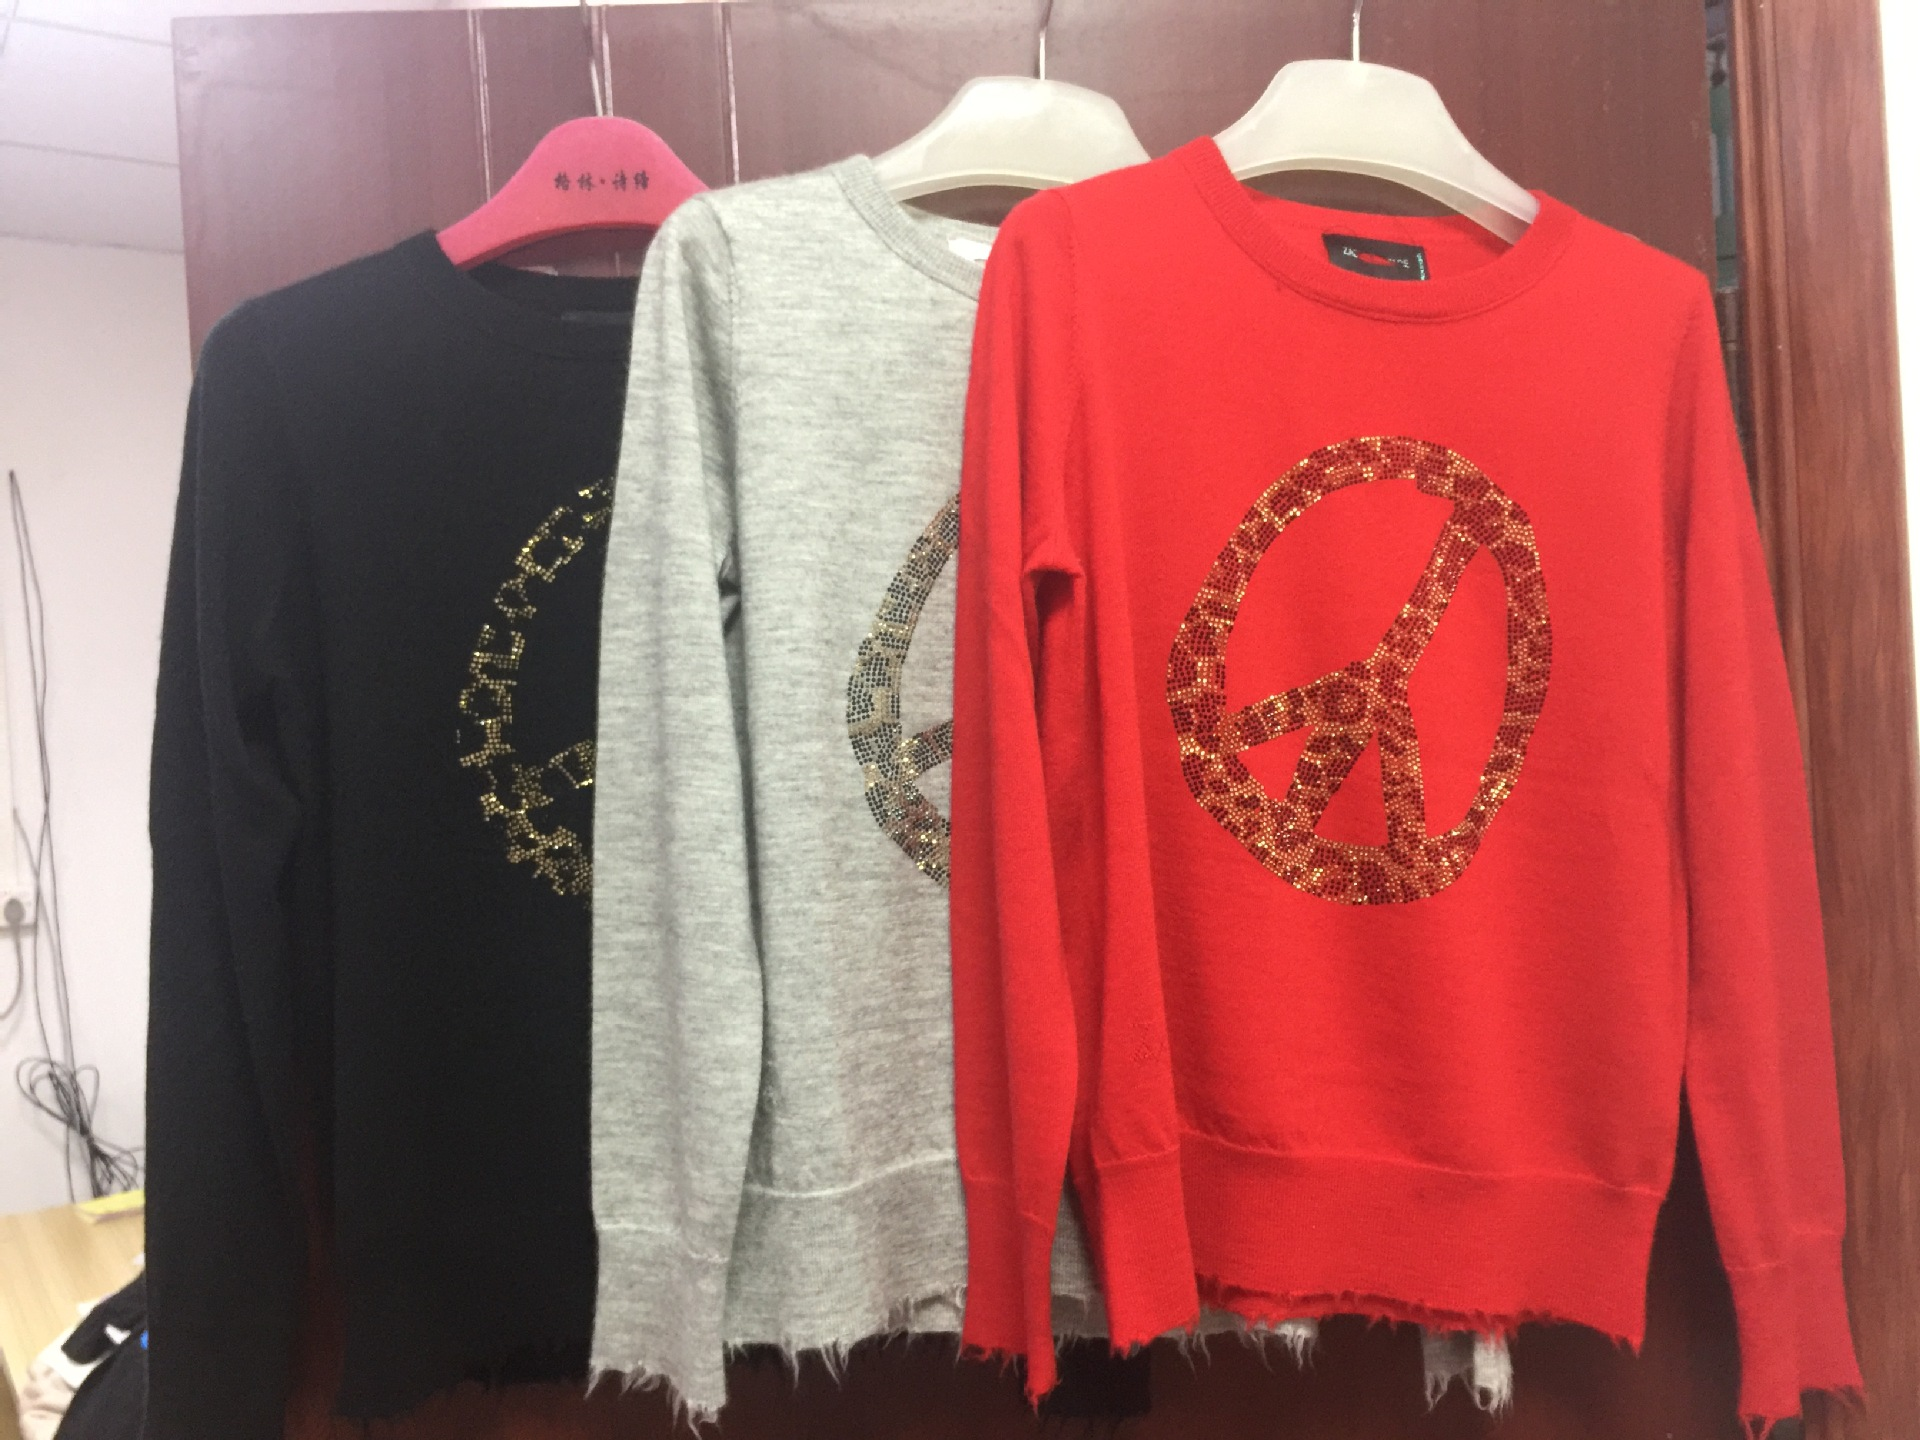 Maglione delle donne 2019 Autunno e di Inverno Dello Sterzo Ruota di Perforazione a Caldo di Modo Maturo Puro Maglione di Cachemire Delle Donne-in Pullover da Abbigliamento da donna su  Gruppo 2